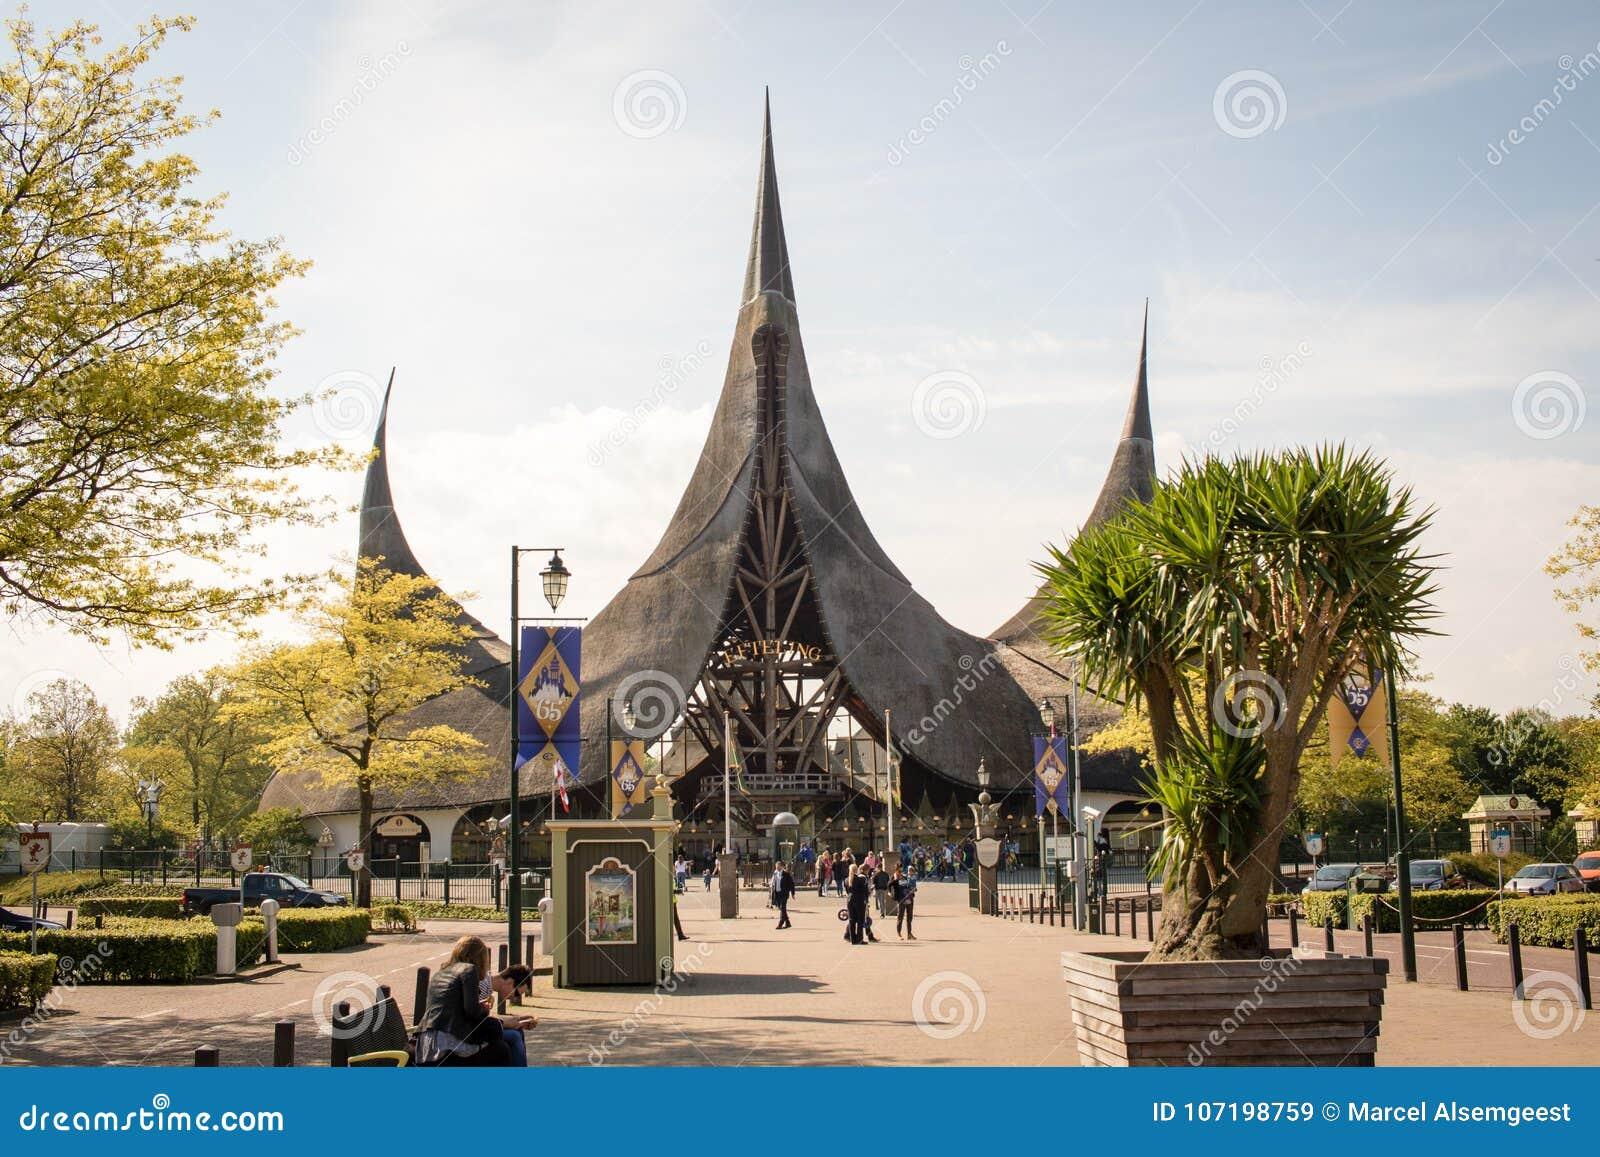 Είσοδος του θεματικού πάρκου de Efteling, Kaatsheuvel, οι Κάτω Χώρες, 11-05-2017